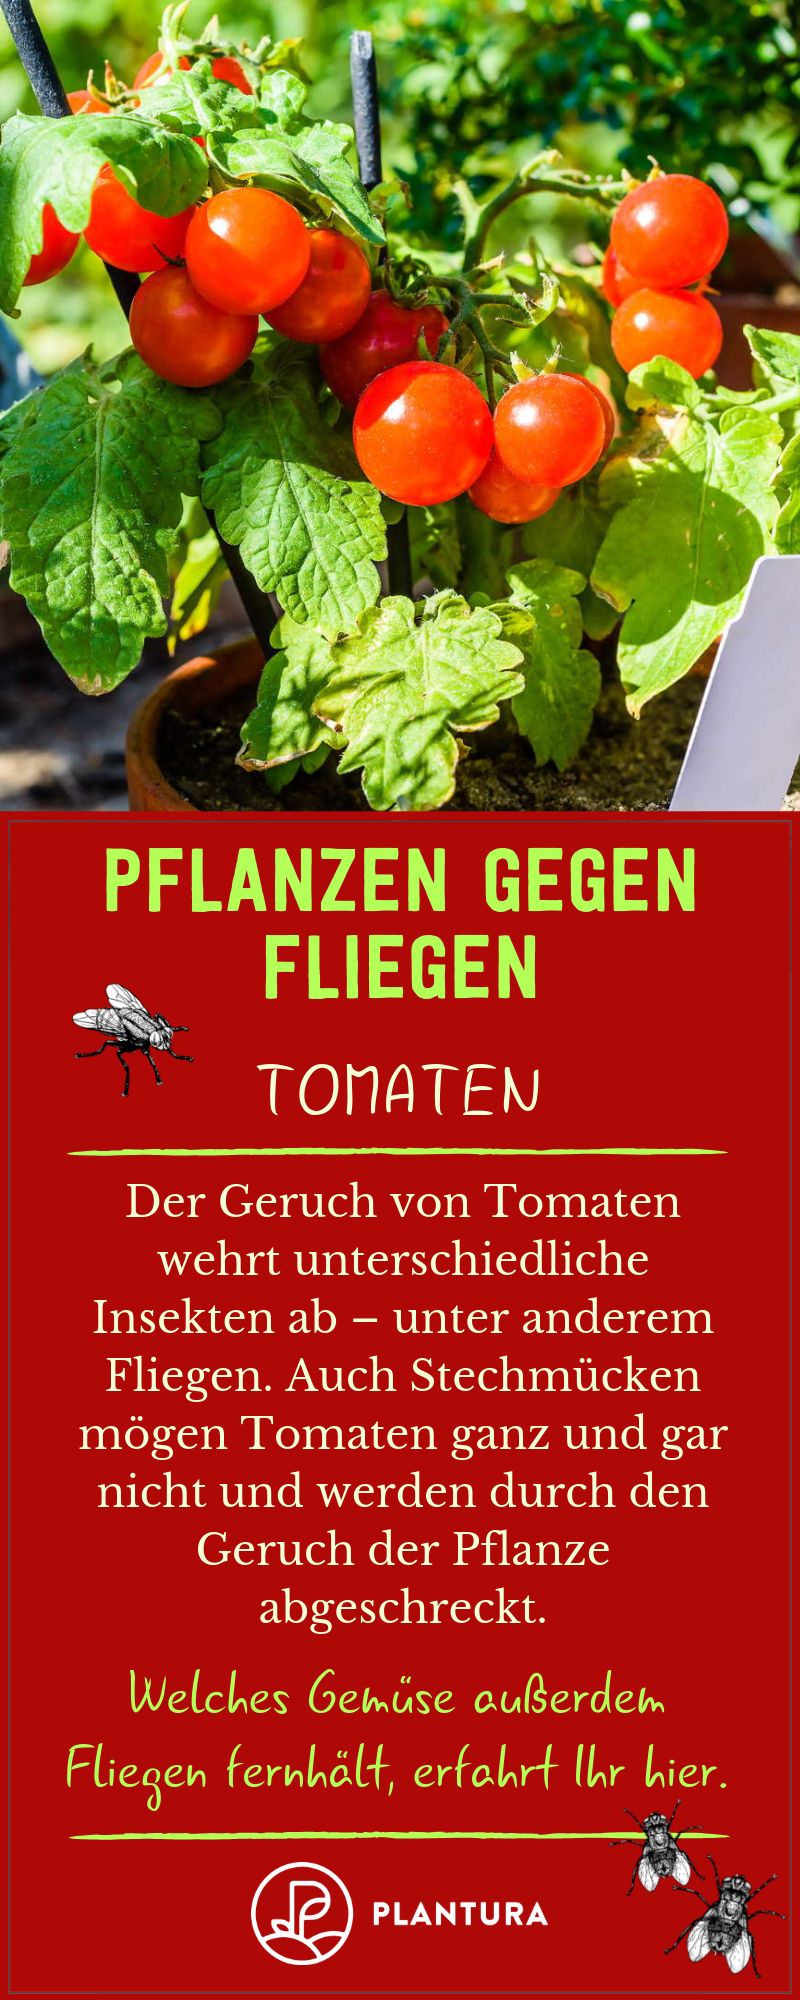 Pflanzen Gegen Fliegen Tomaten Nicht Nur Fliegen Sondern Auch Stechmucken Werden Von Dem Geruch Der Tomate Abgesc Pflanzen Pflanzen Gegen Mucken Stechmucken